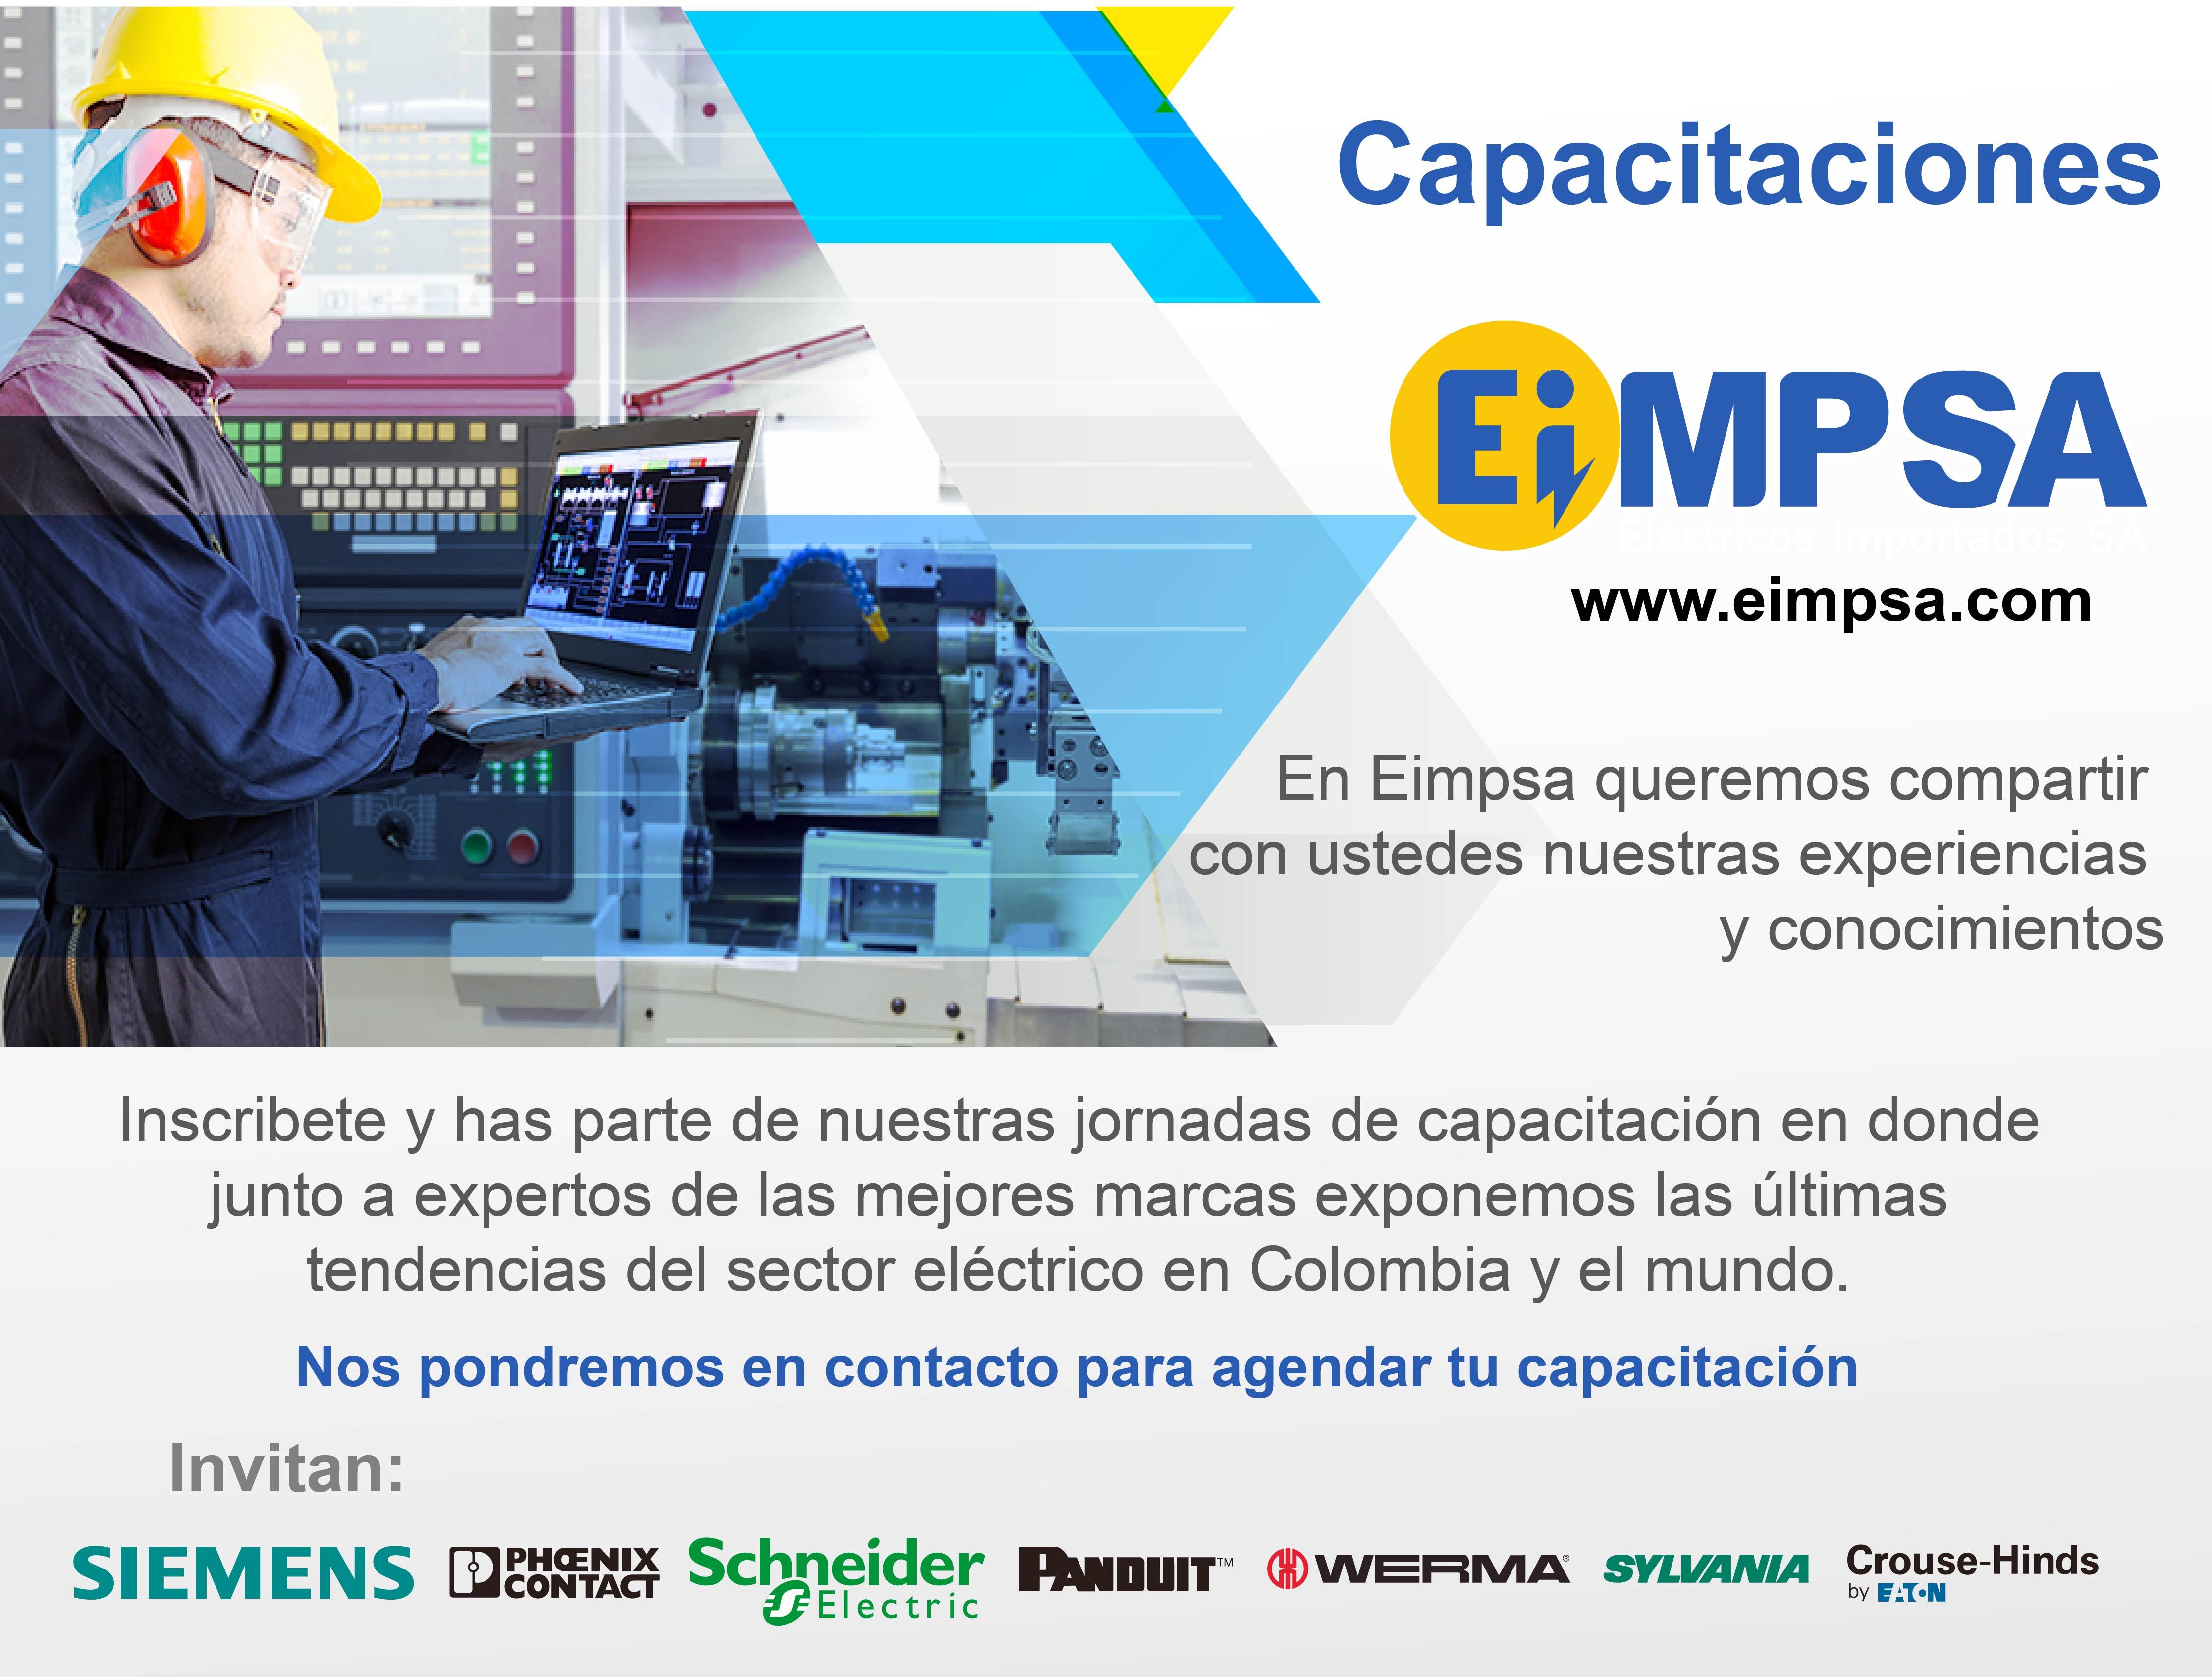 Capacitaciones EIMPSA